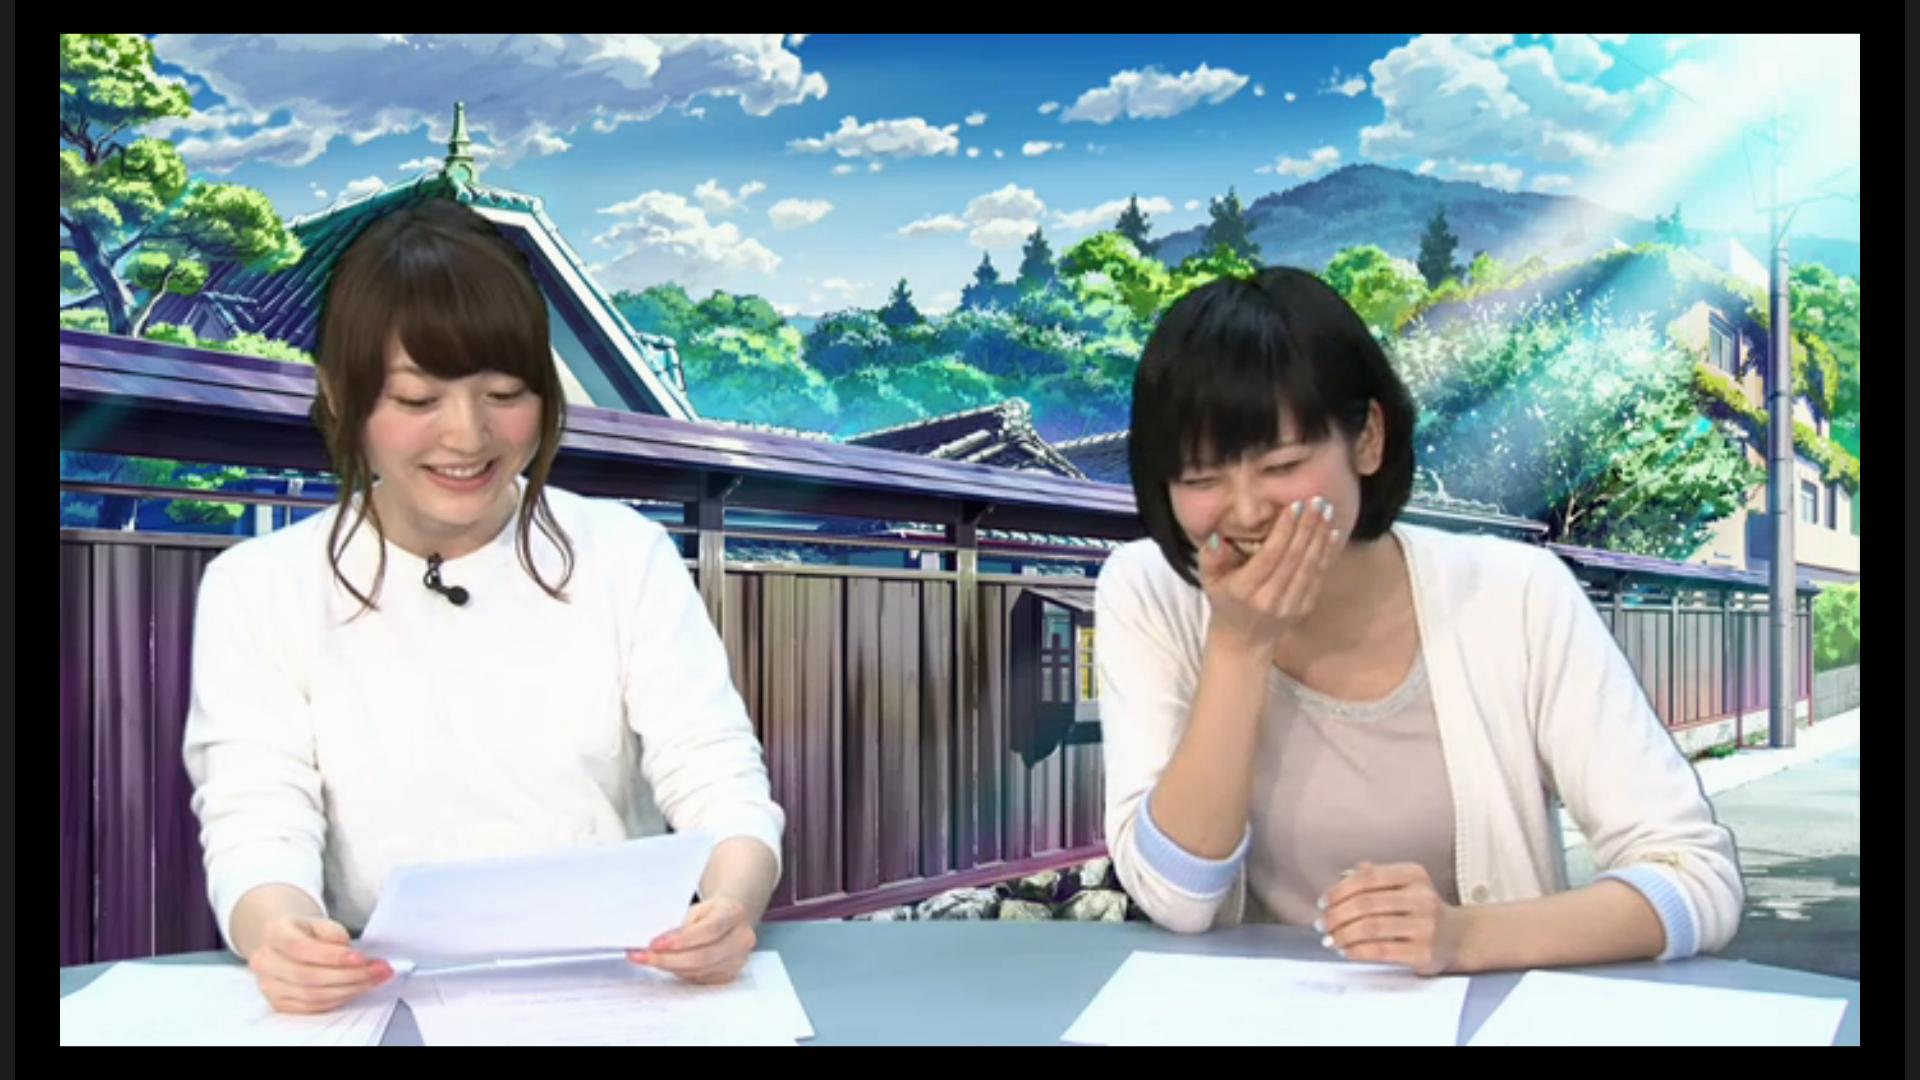 「僕らはみんな河合荘」Webラジオ【出演:花澤香菜、金元寿子】 「ラジオもみんな河合荘~ニコ生スペシャル2!」